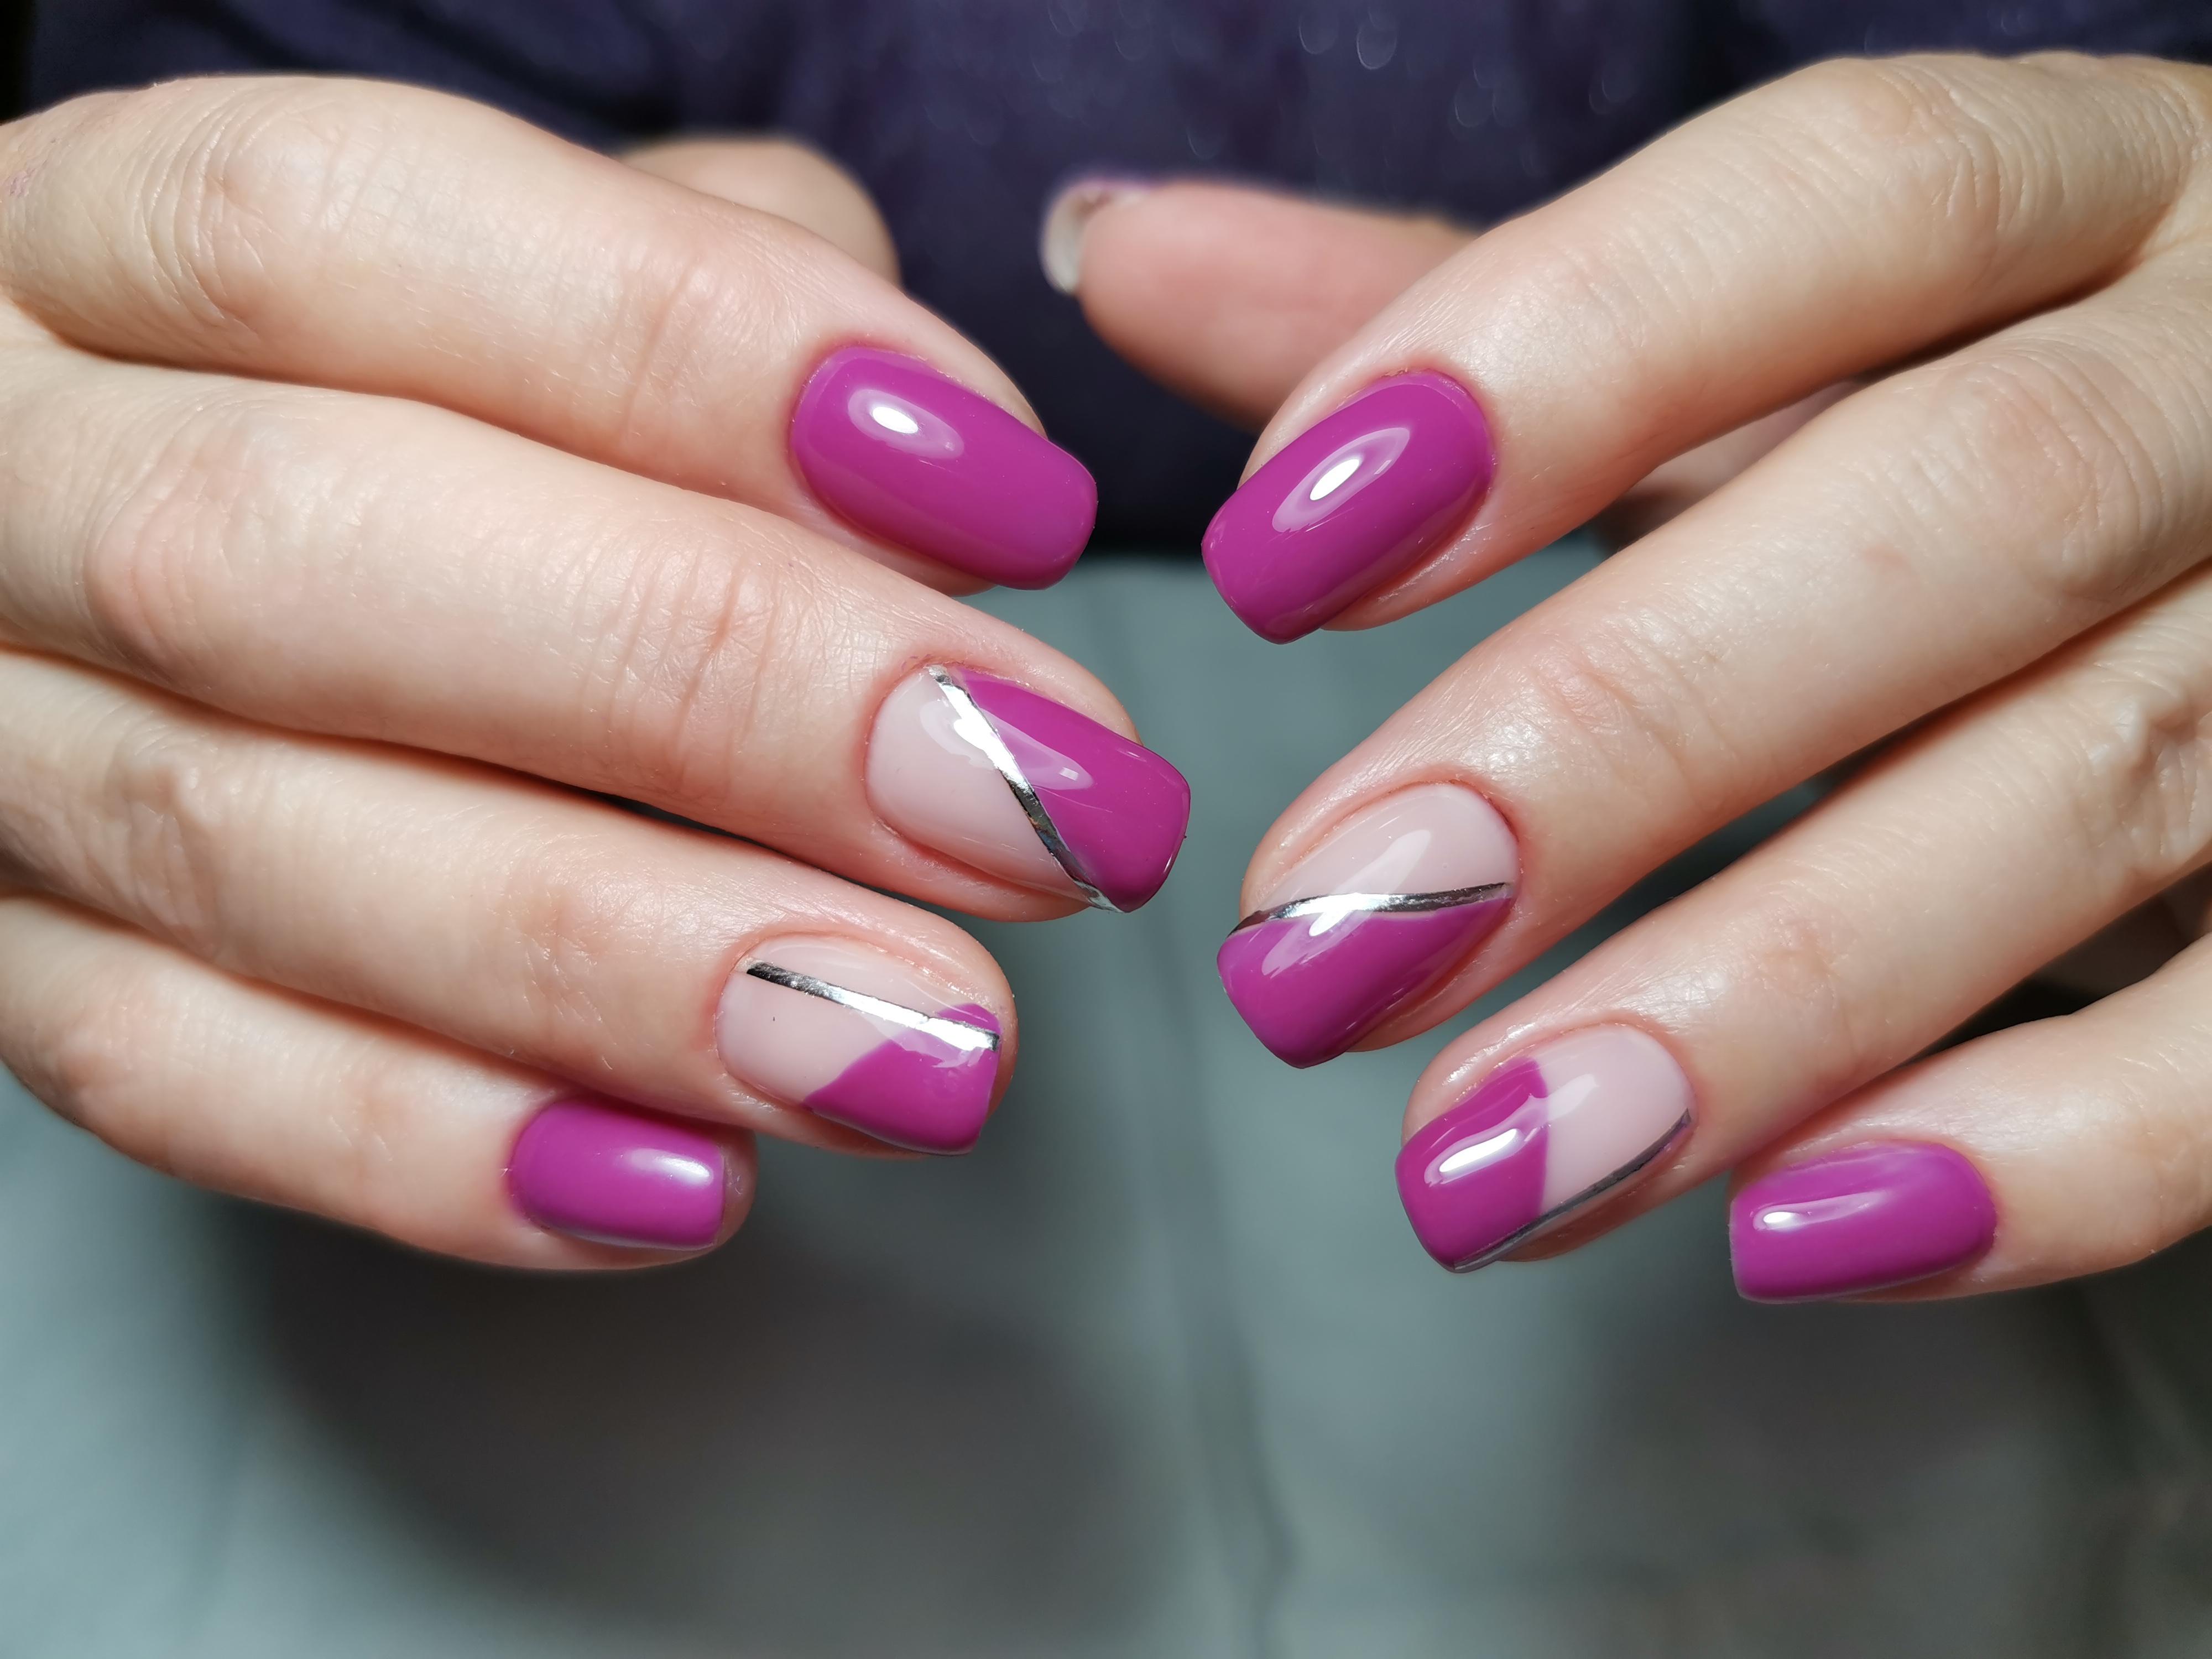 Маникюр с серебряными полосками в баклажановом цвете.